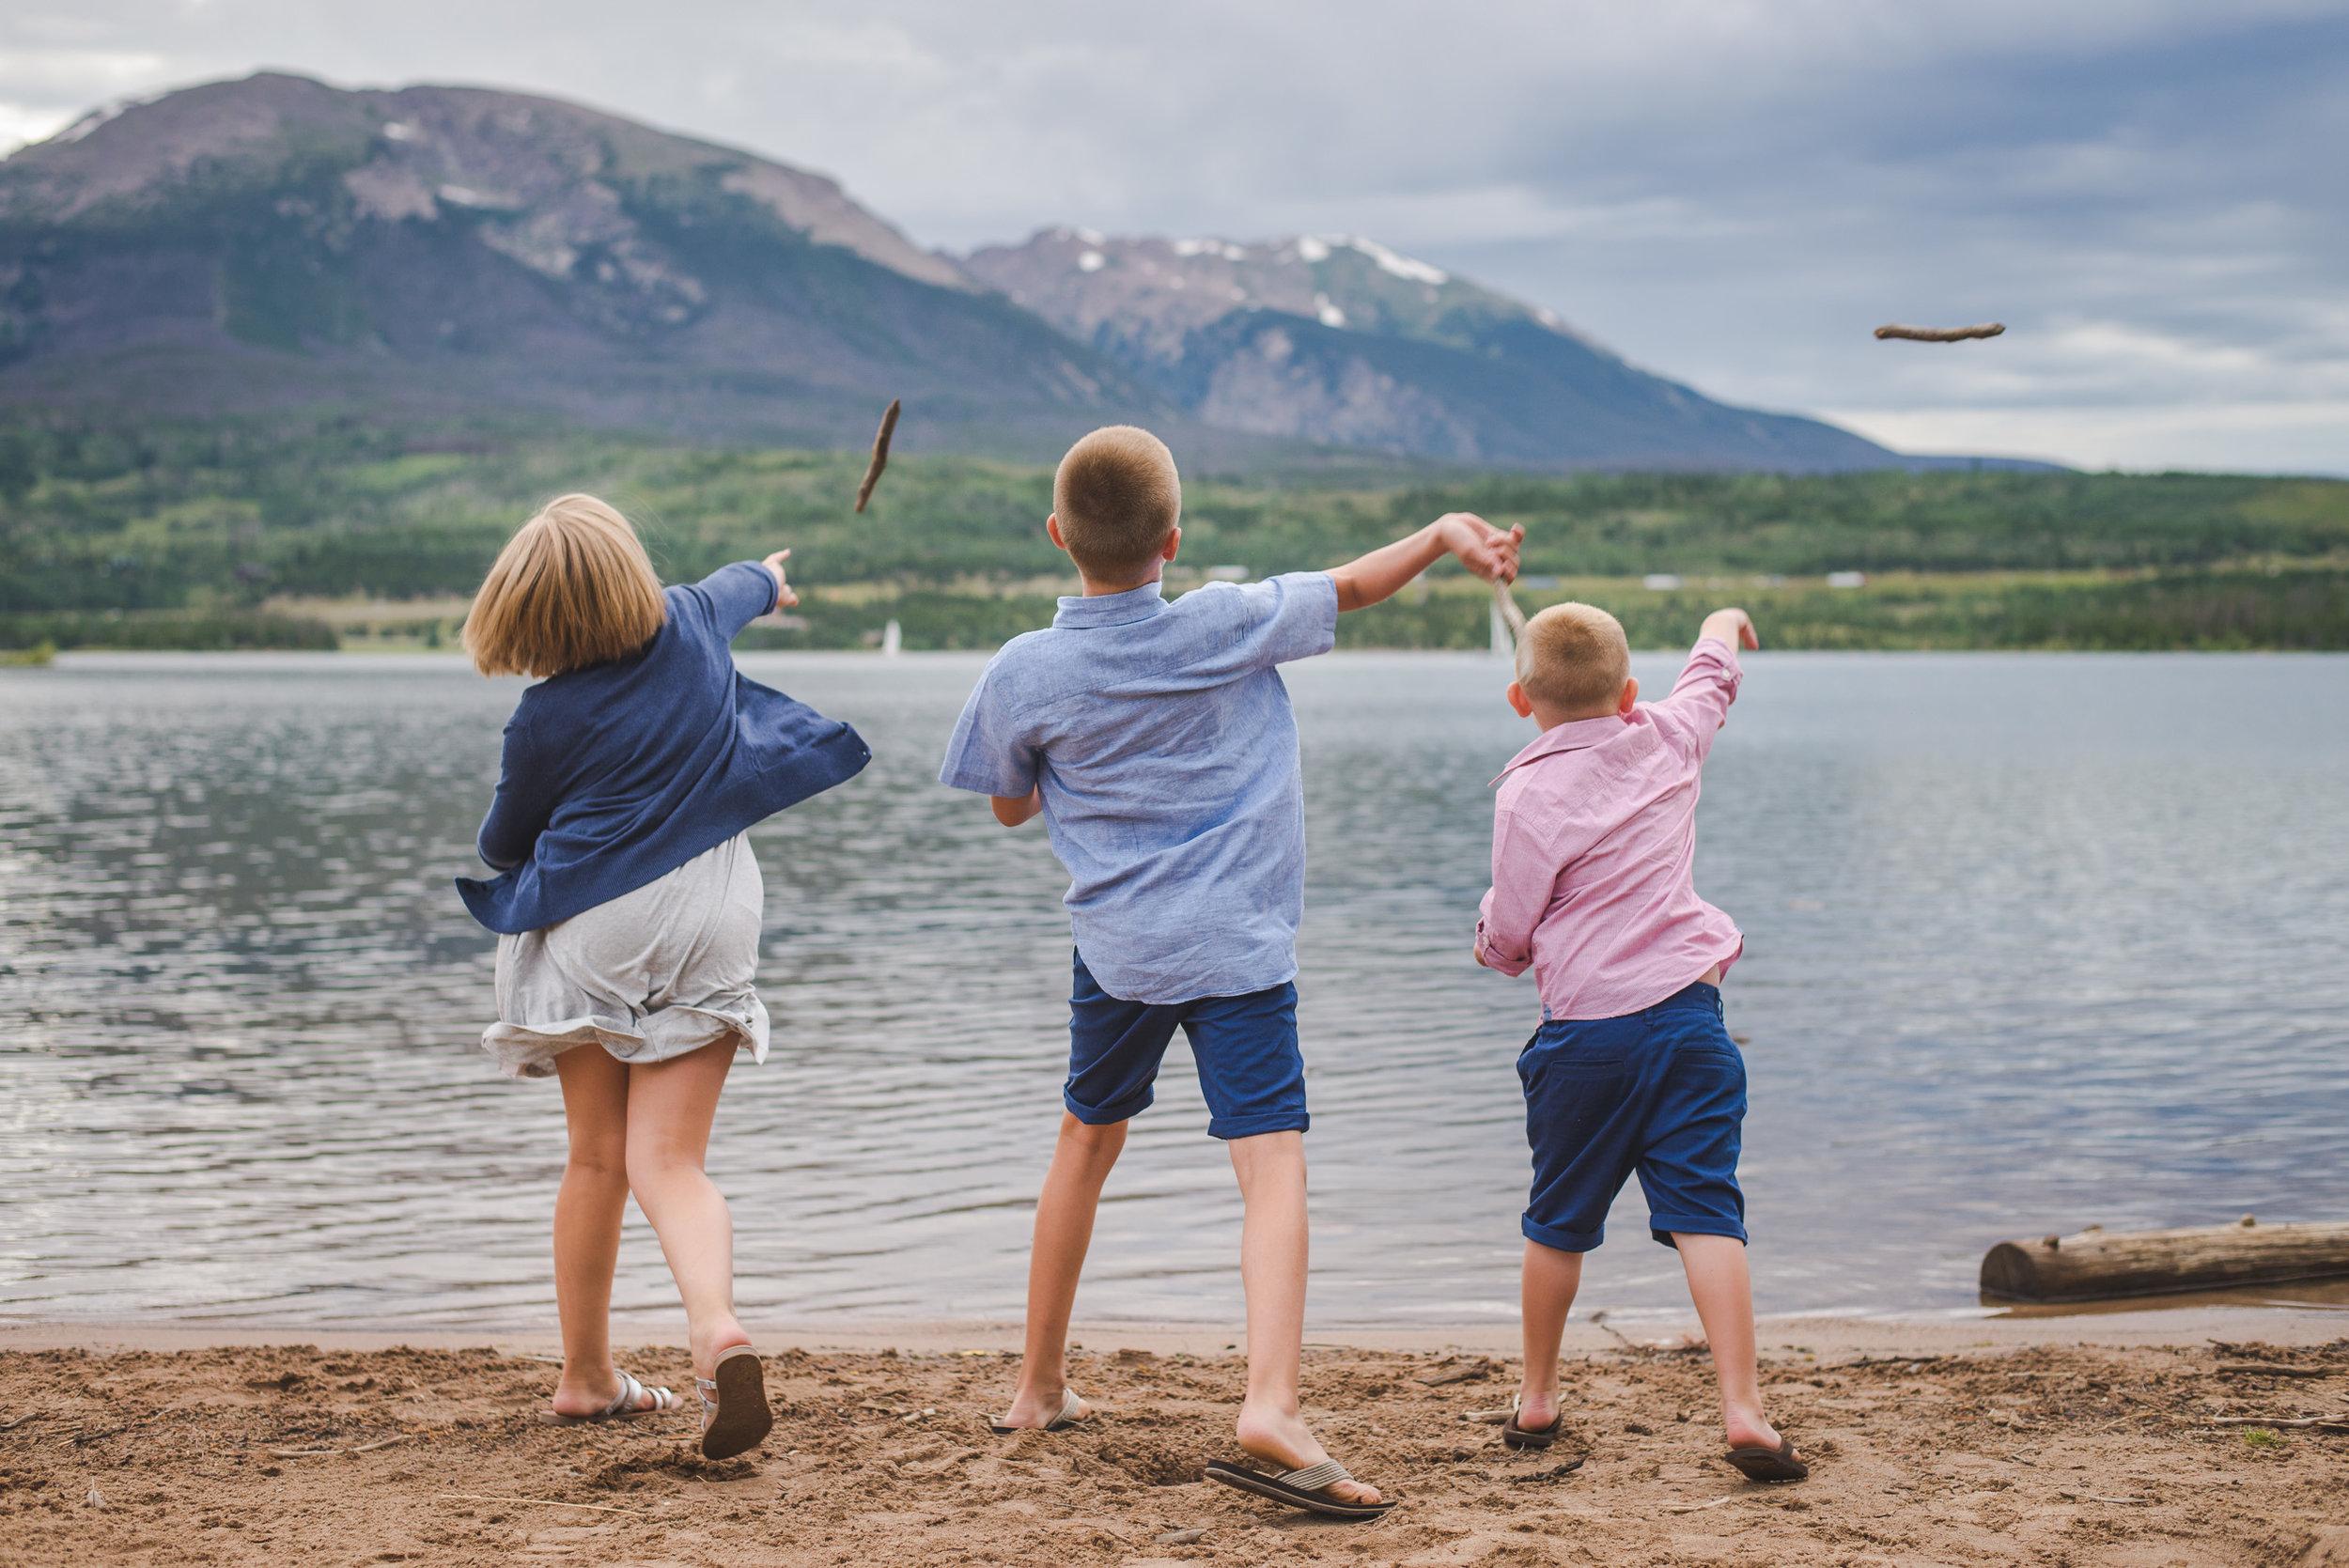 7.20.17-Frisco-Family-Vacation-9.jpg